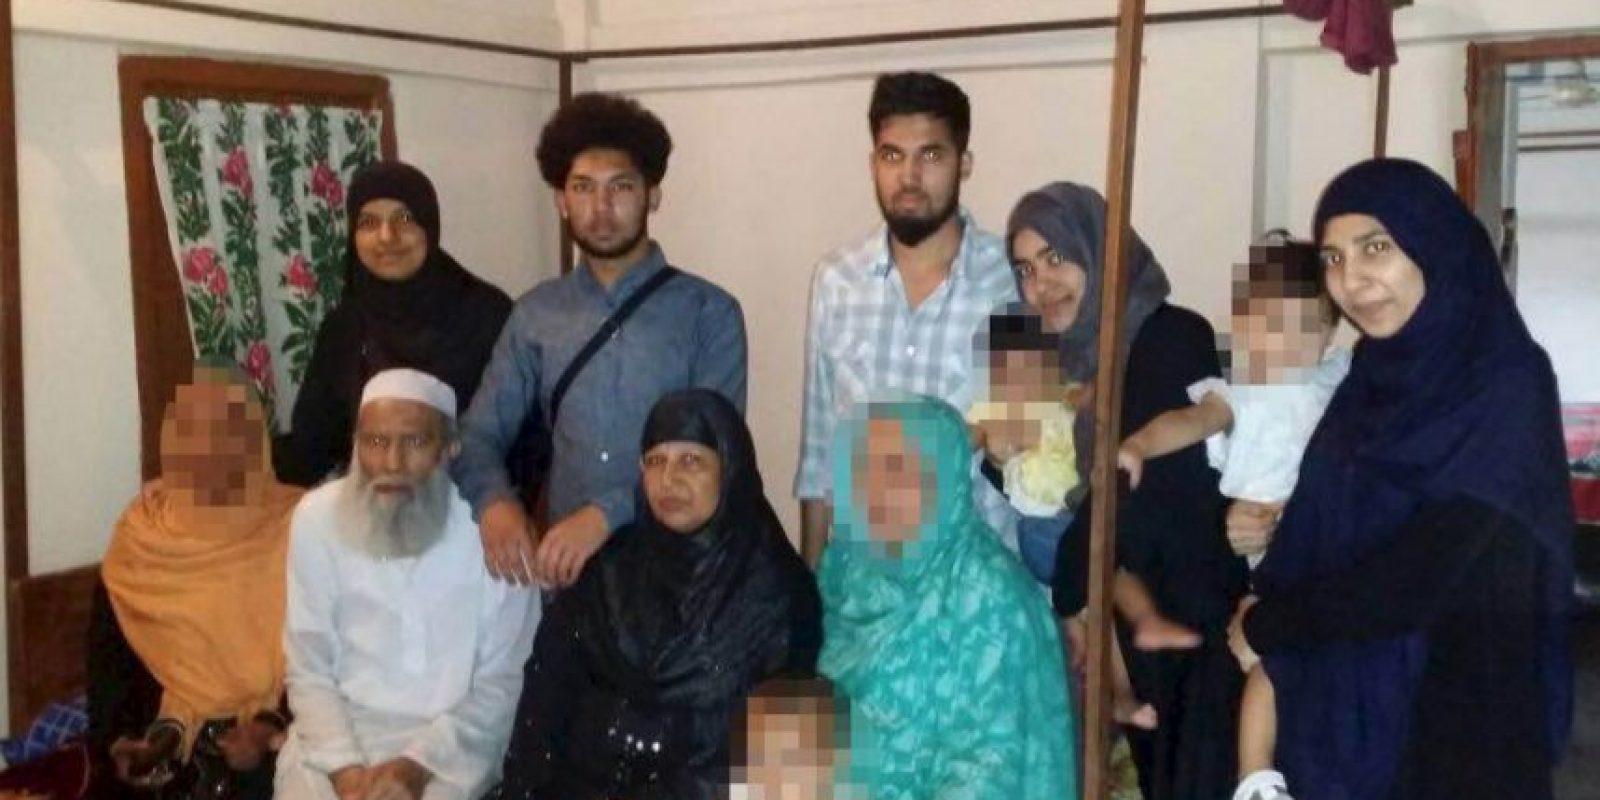 La familia británica Mannan comunicó que se había unido al Estado Islámico. Foto:Vía facebook.com/bedspolice